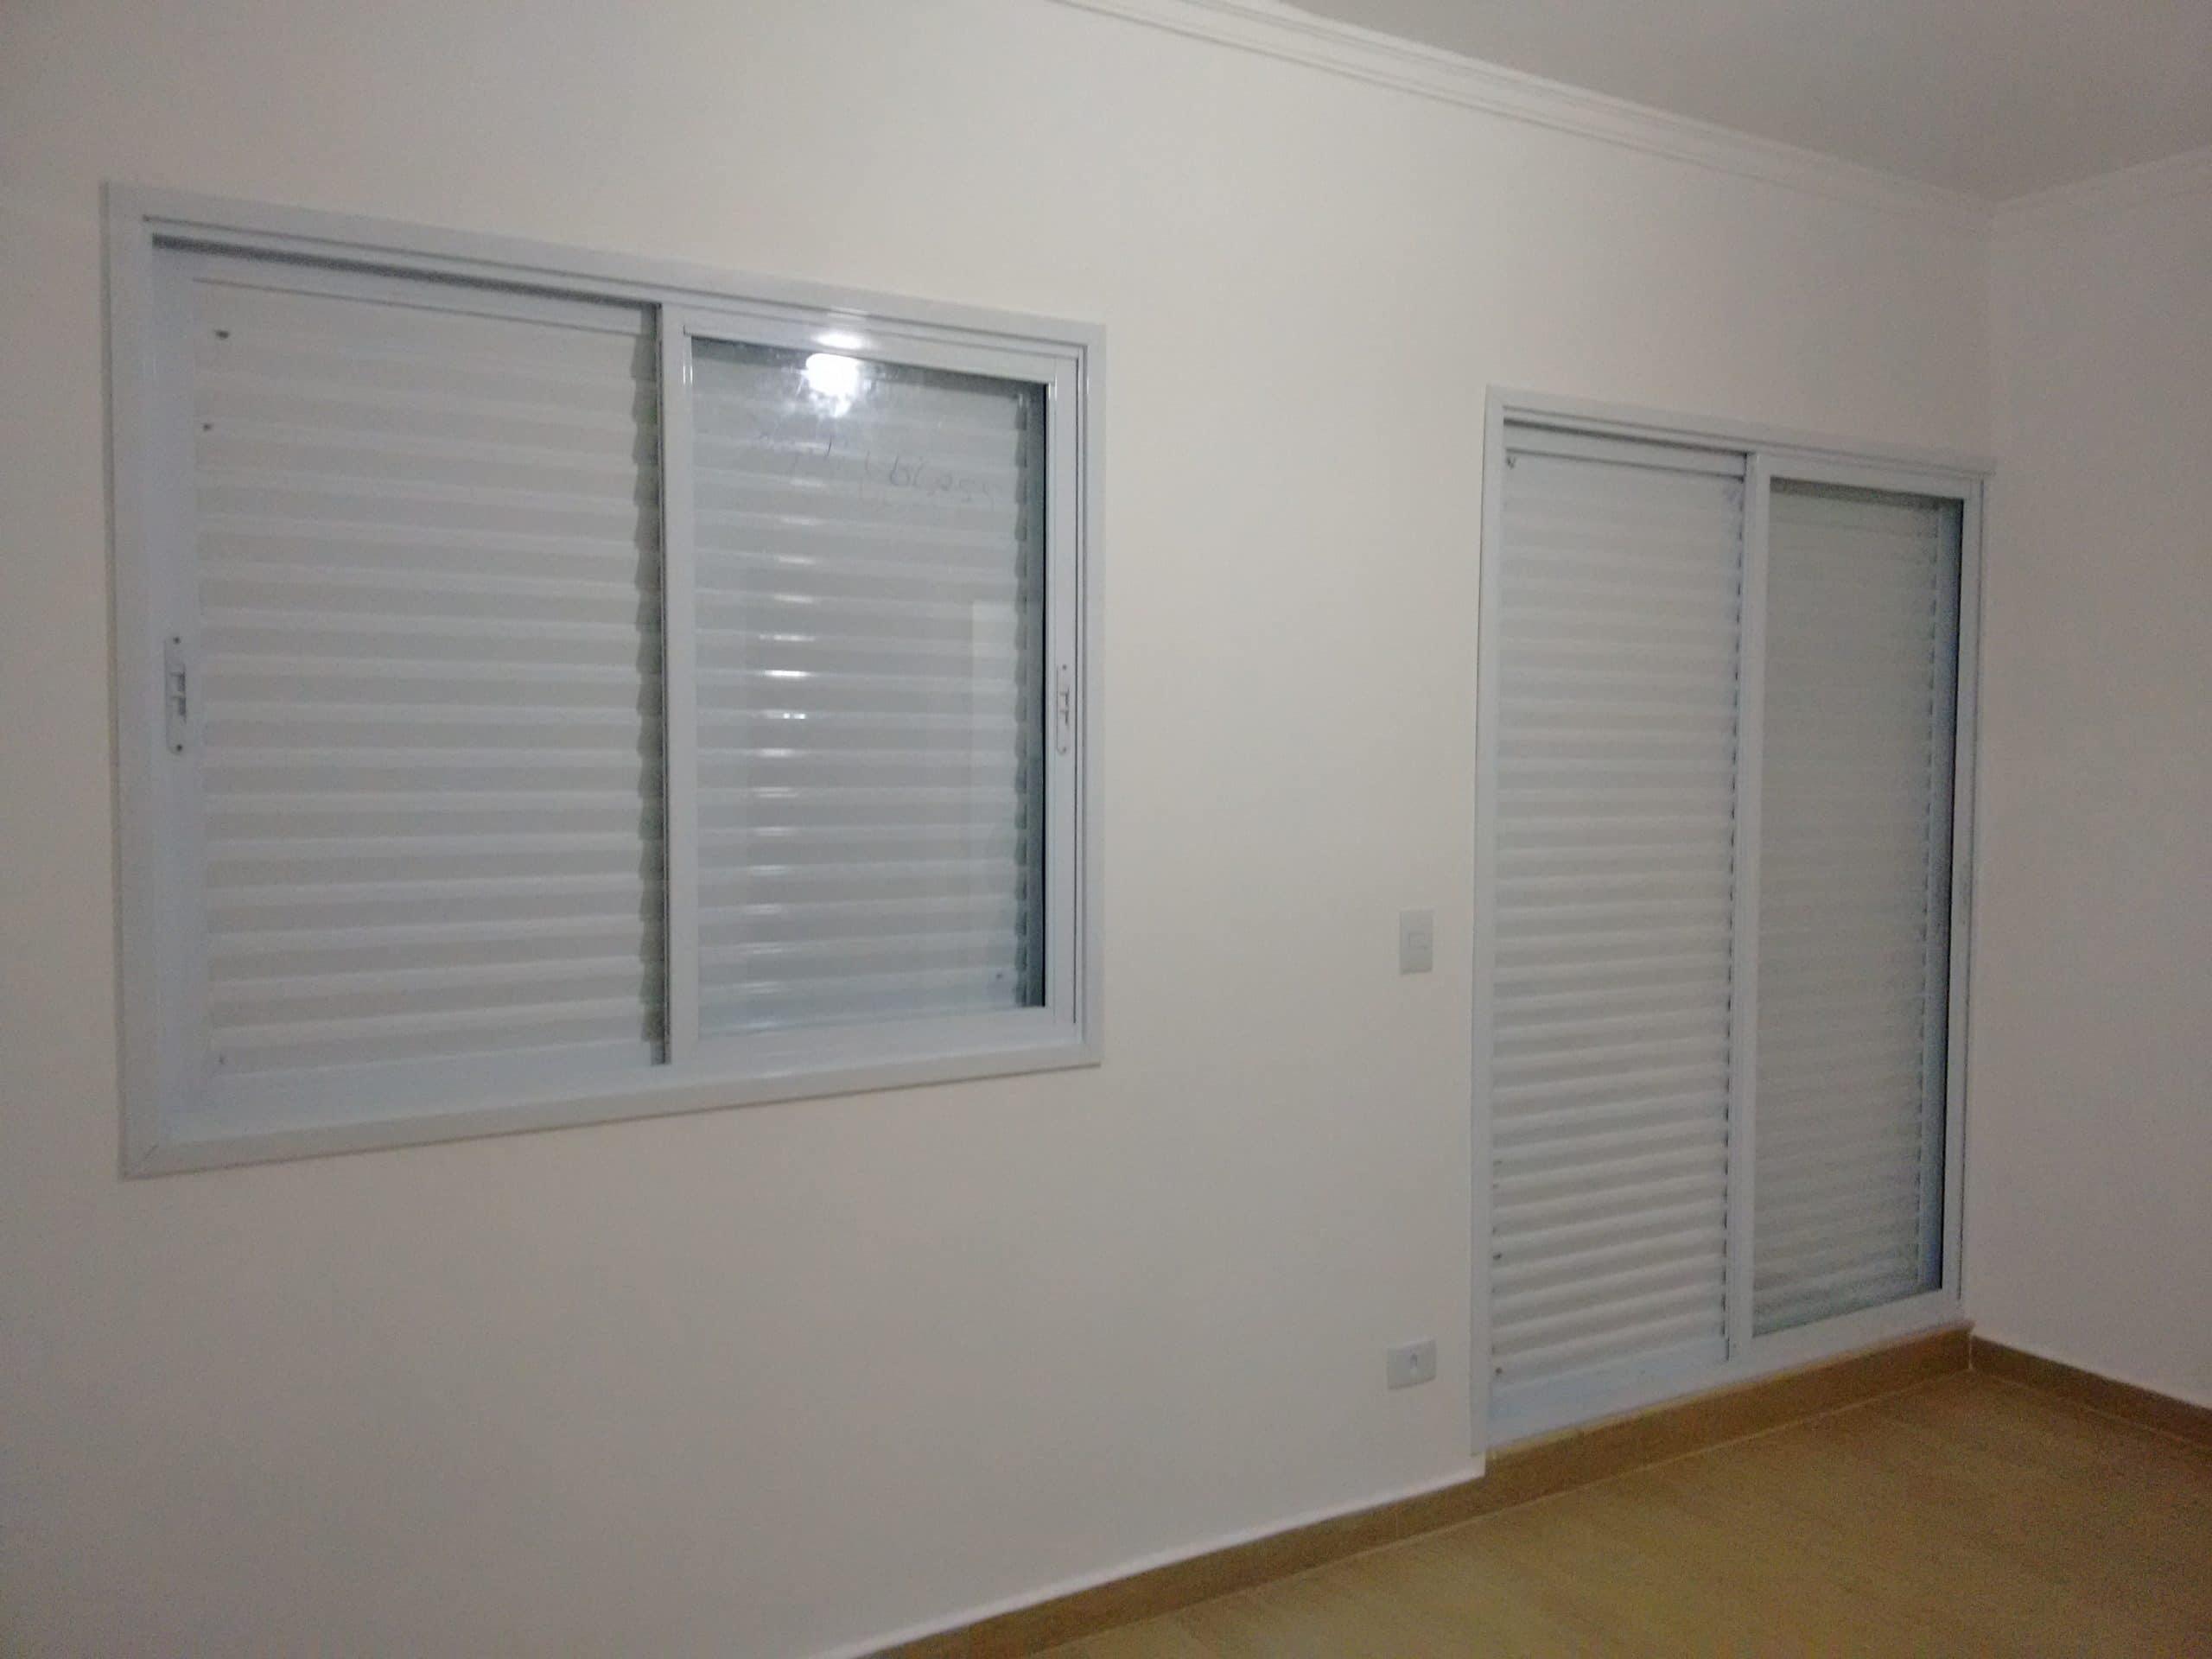 #61492B de sua casa para projetos maiores em janelas e portas de alumínio  1642 Janela De Aluminio Lavanderia